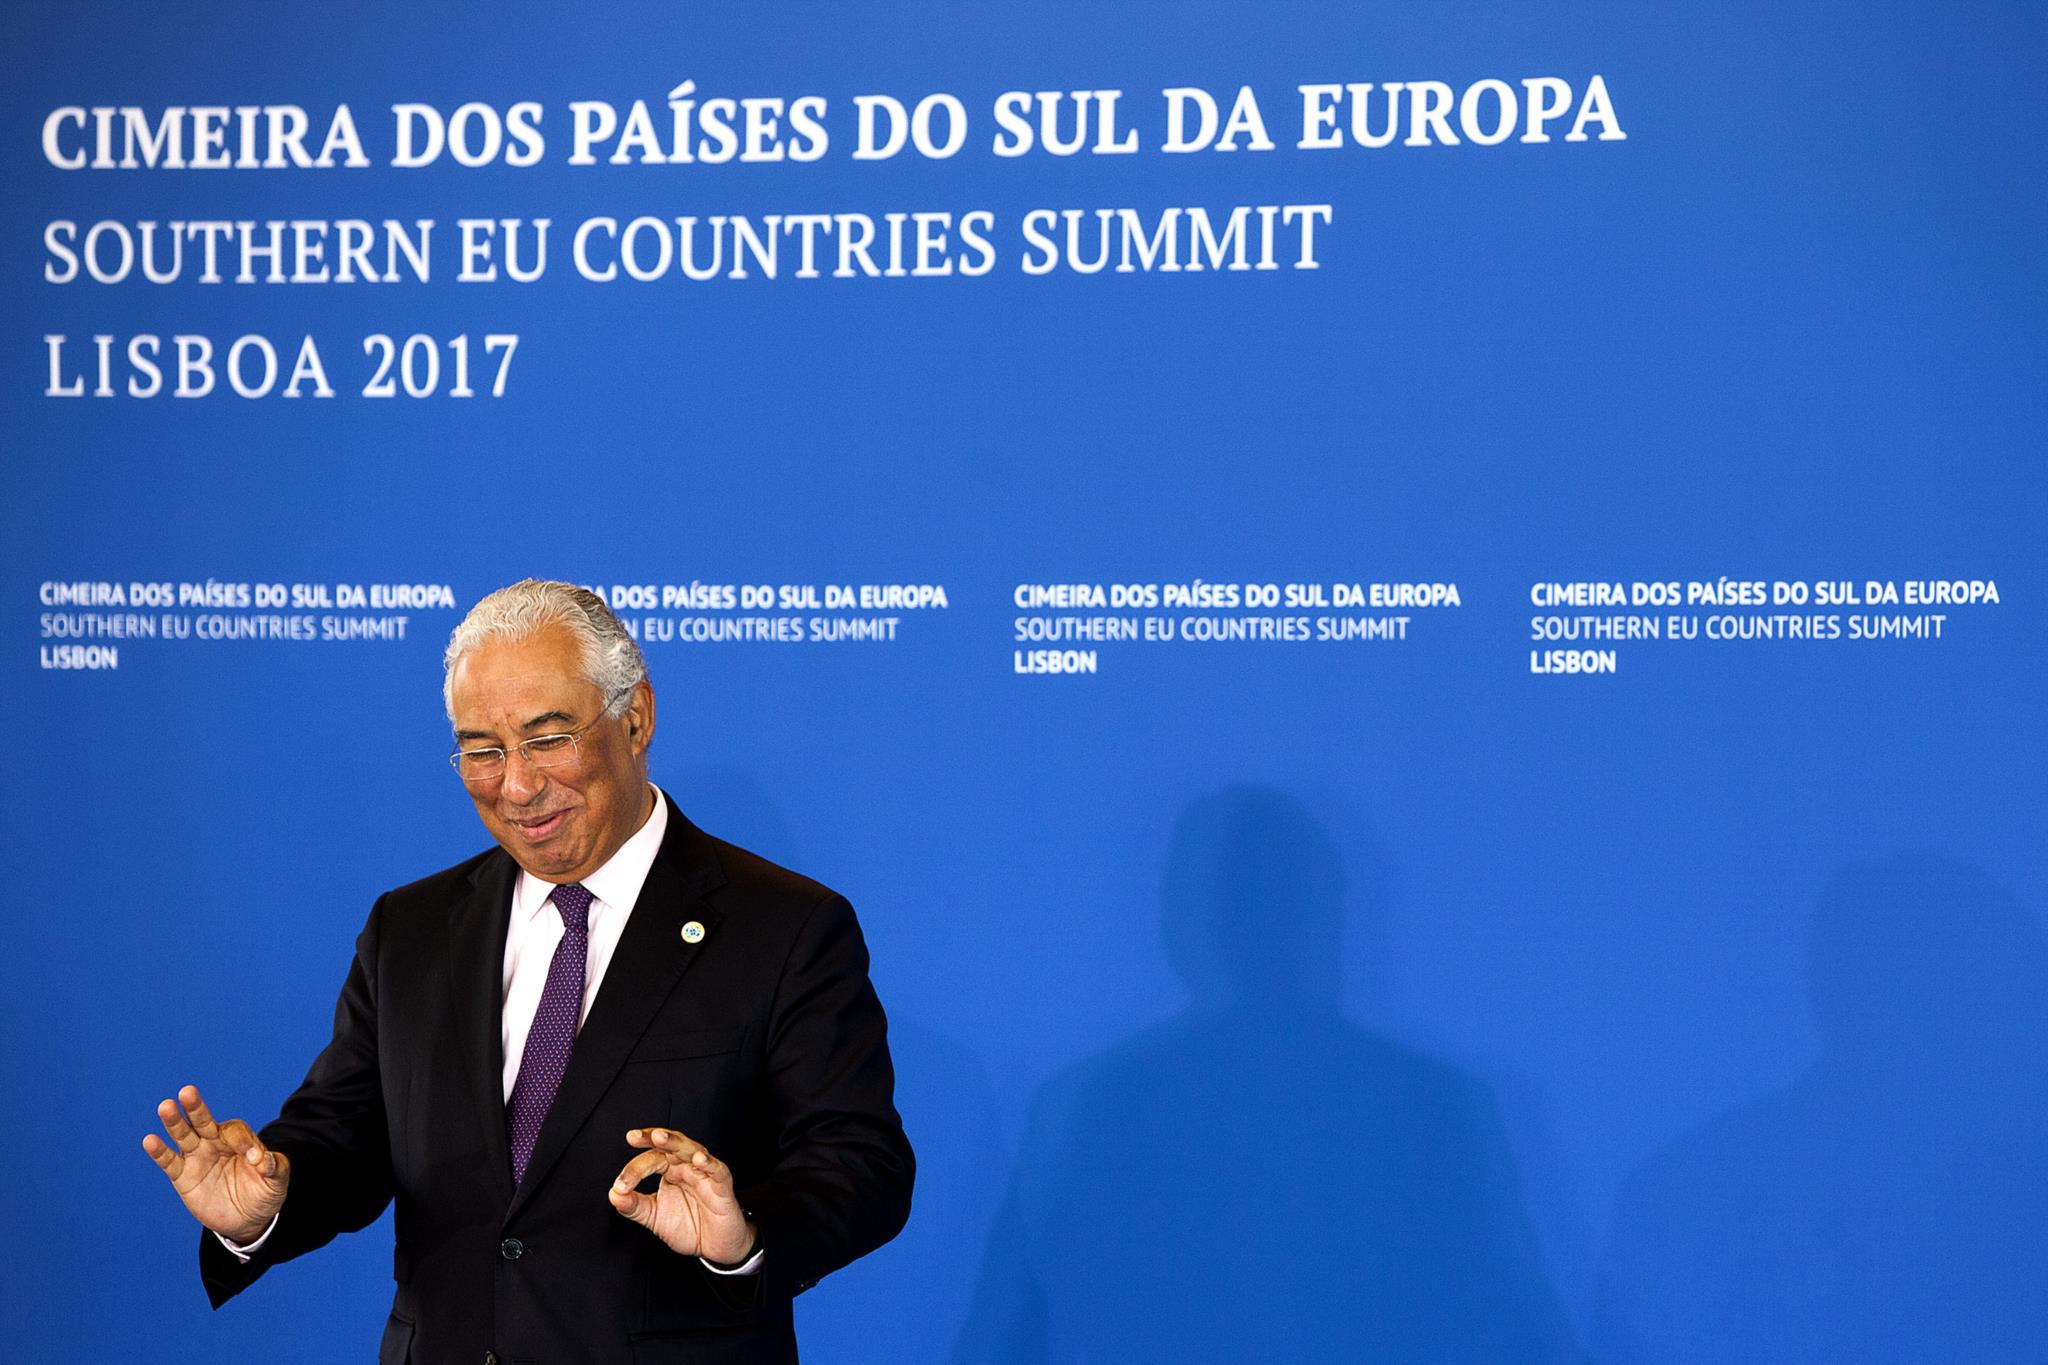 A cimeira de Lisboa é a segunda entre os sete países do sul da UE: a primeira realizou-se em Atenas, em Setembro de 2016